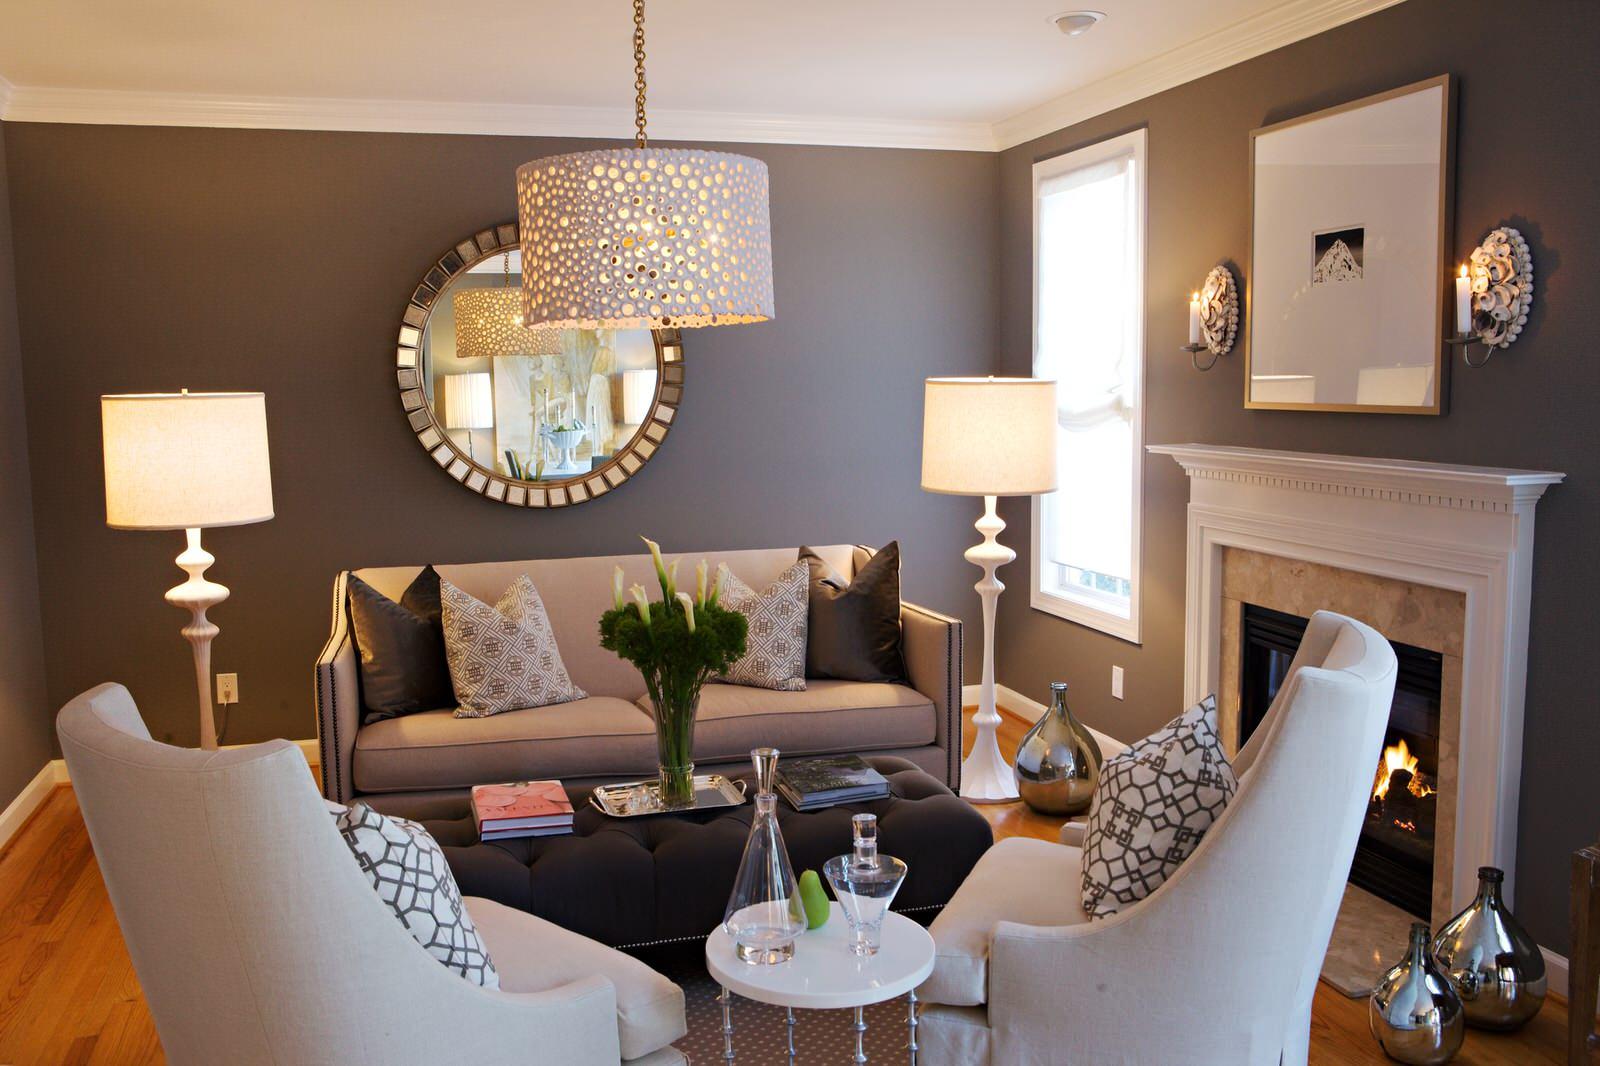 Se amate lo stile classico e volete dare una rinfrescata alla parete del soggiorno, dovete per prima cosa scegliere dei colori che si adattino. Imbiancare Casa Colori Di Tendenza Per Ogni Stanza Idee Colore Pareti Per Tinteggiare Casa Start Preventivi